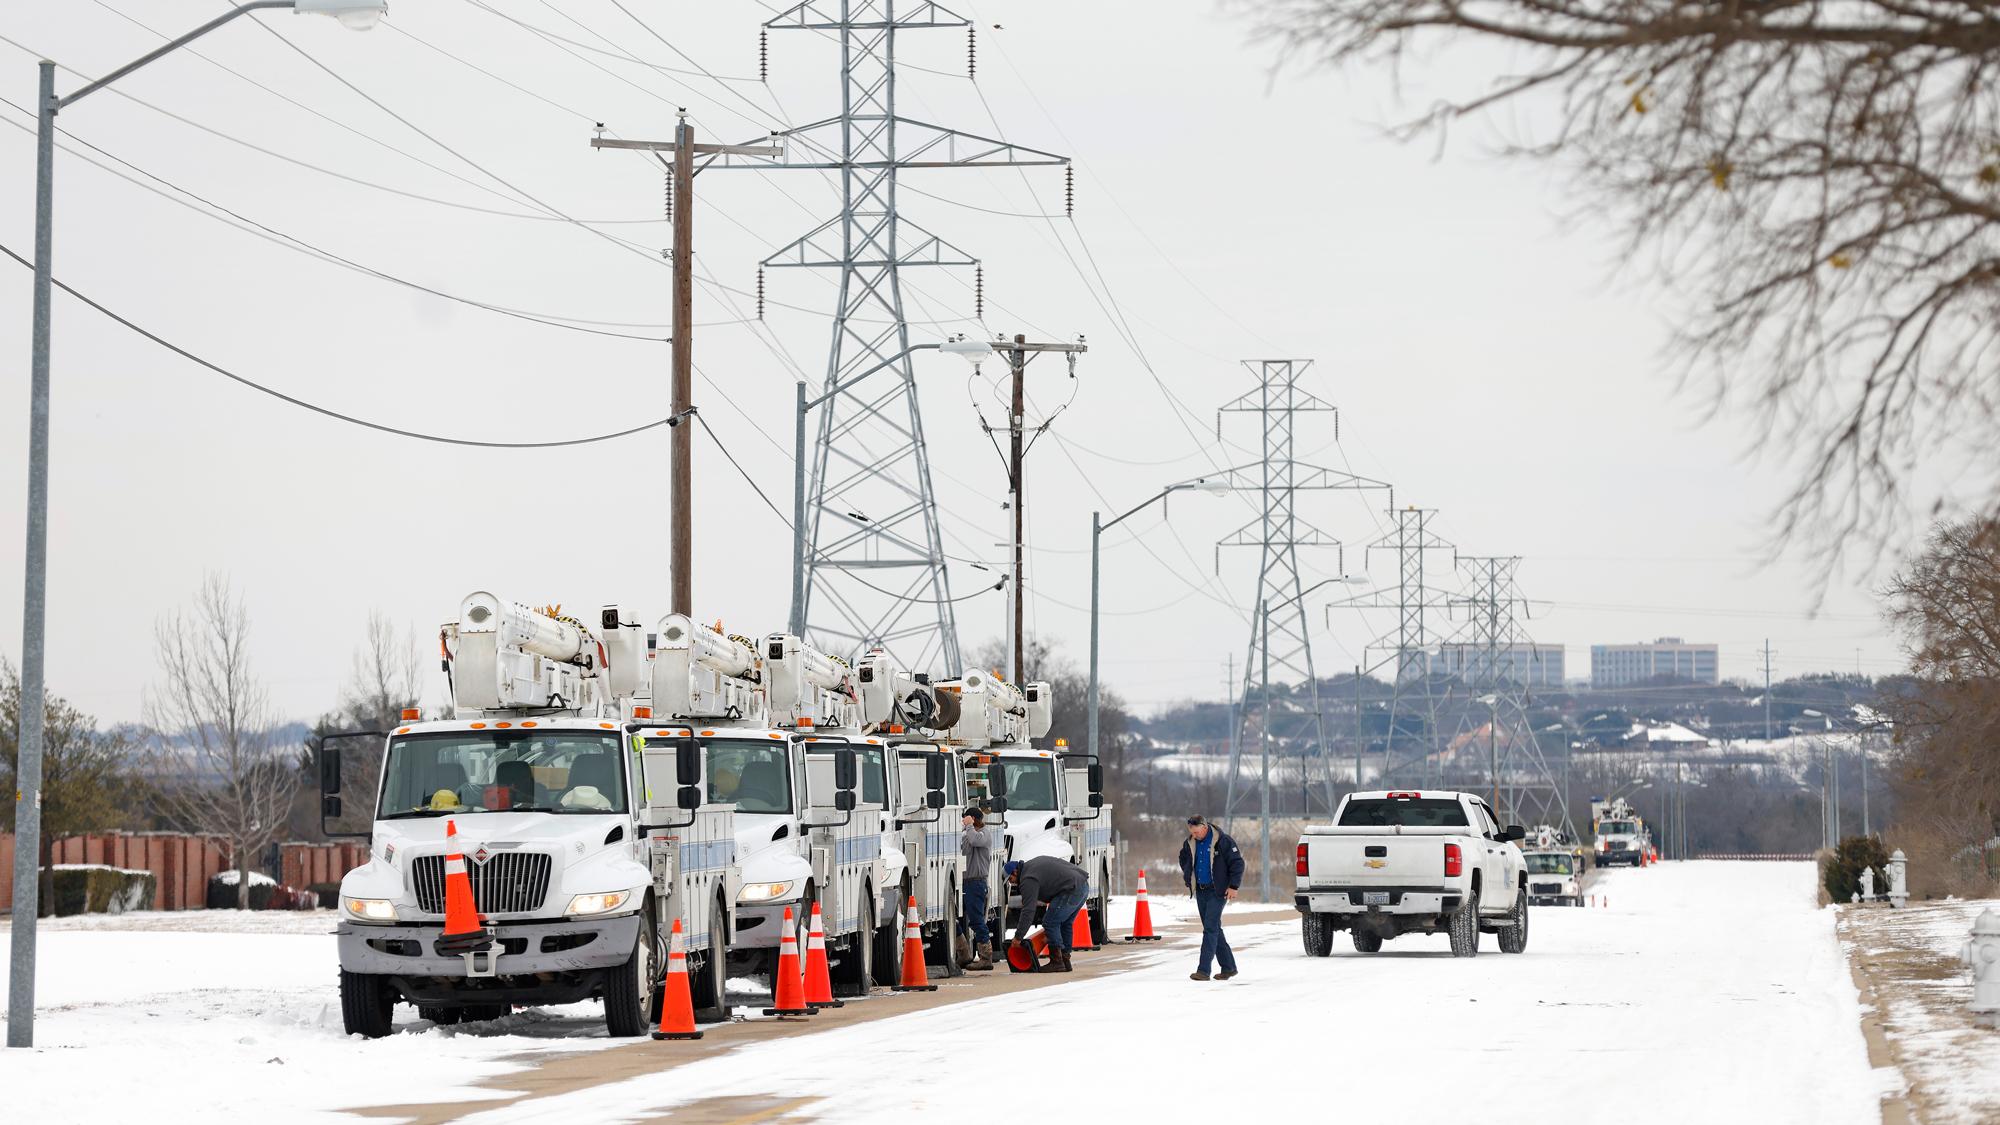 'Как развал СССР': эксперты объяснили крах энергосистемы США на фоне экстремальных морозов